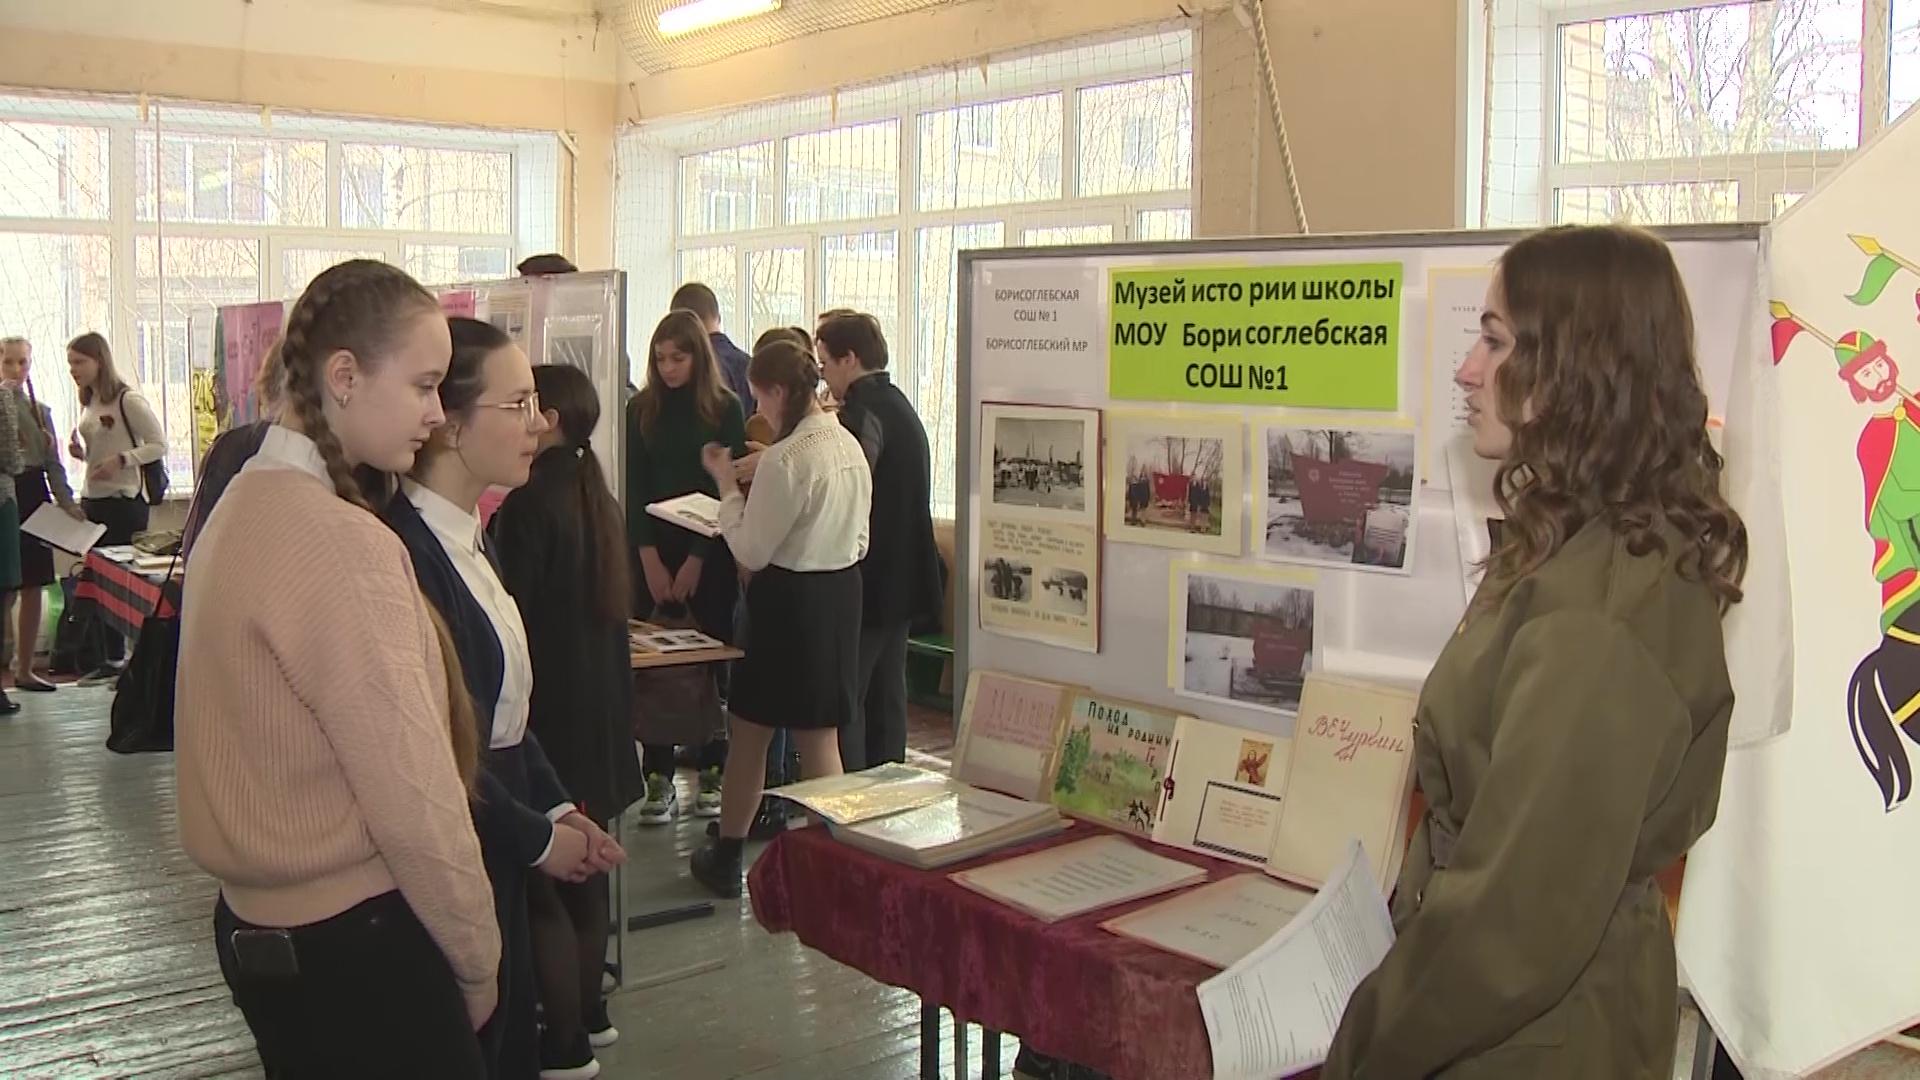 Фестиваль школьных музеев собрал 150 участников из всех районов Ярославской области